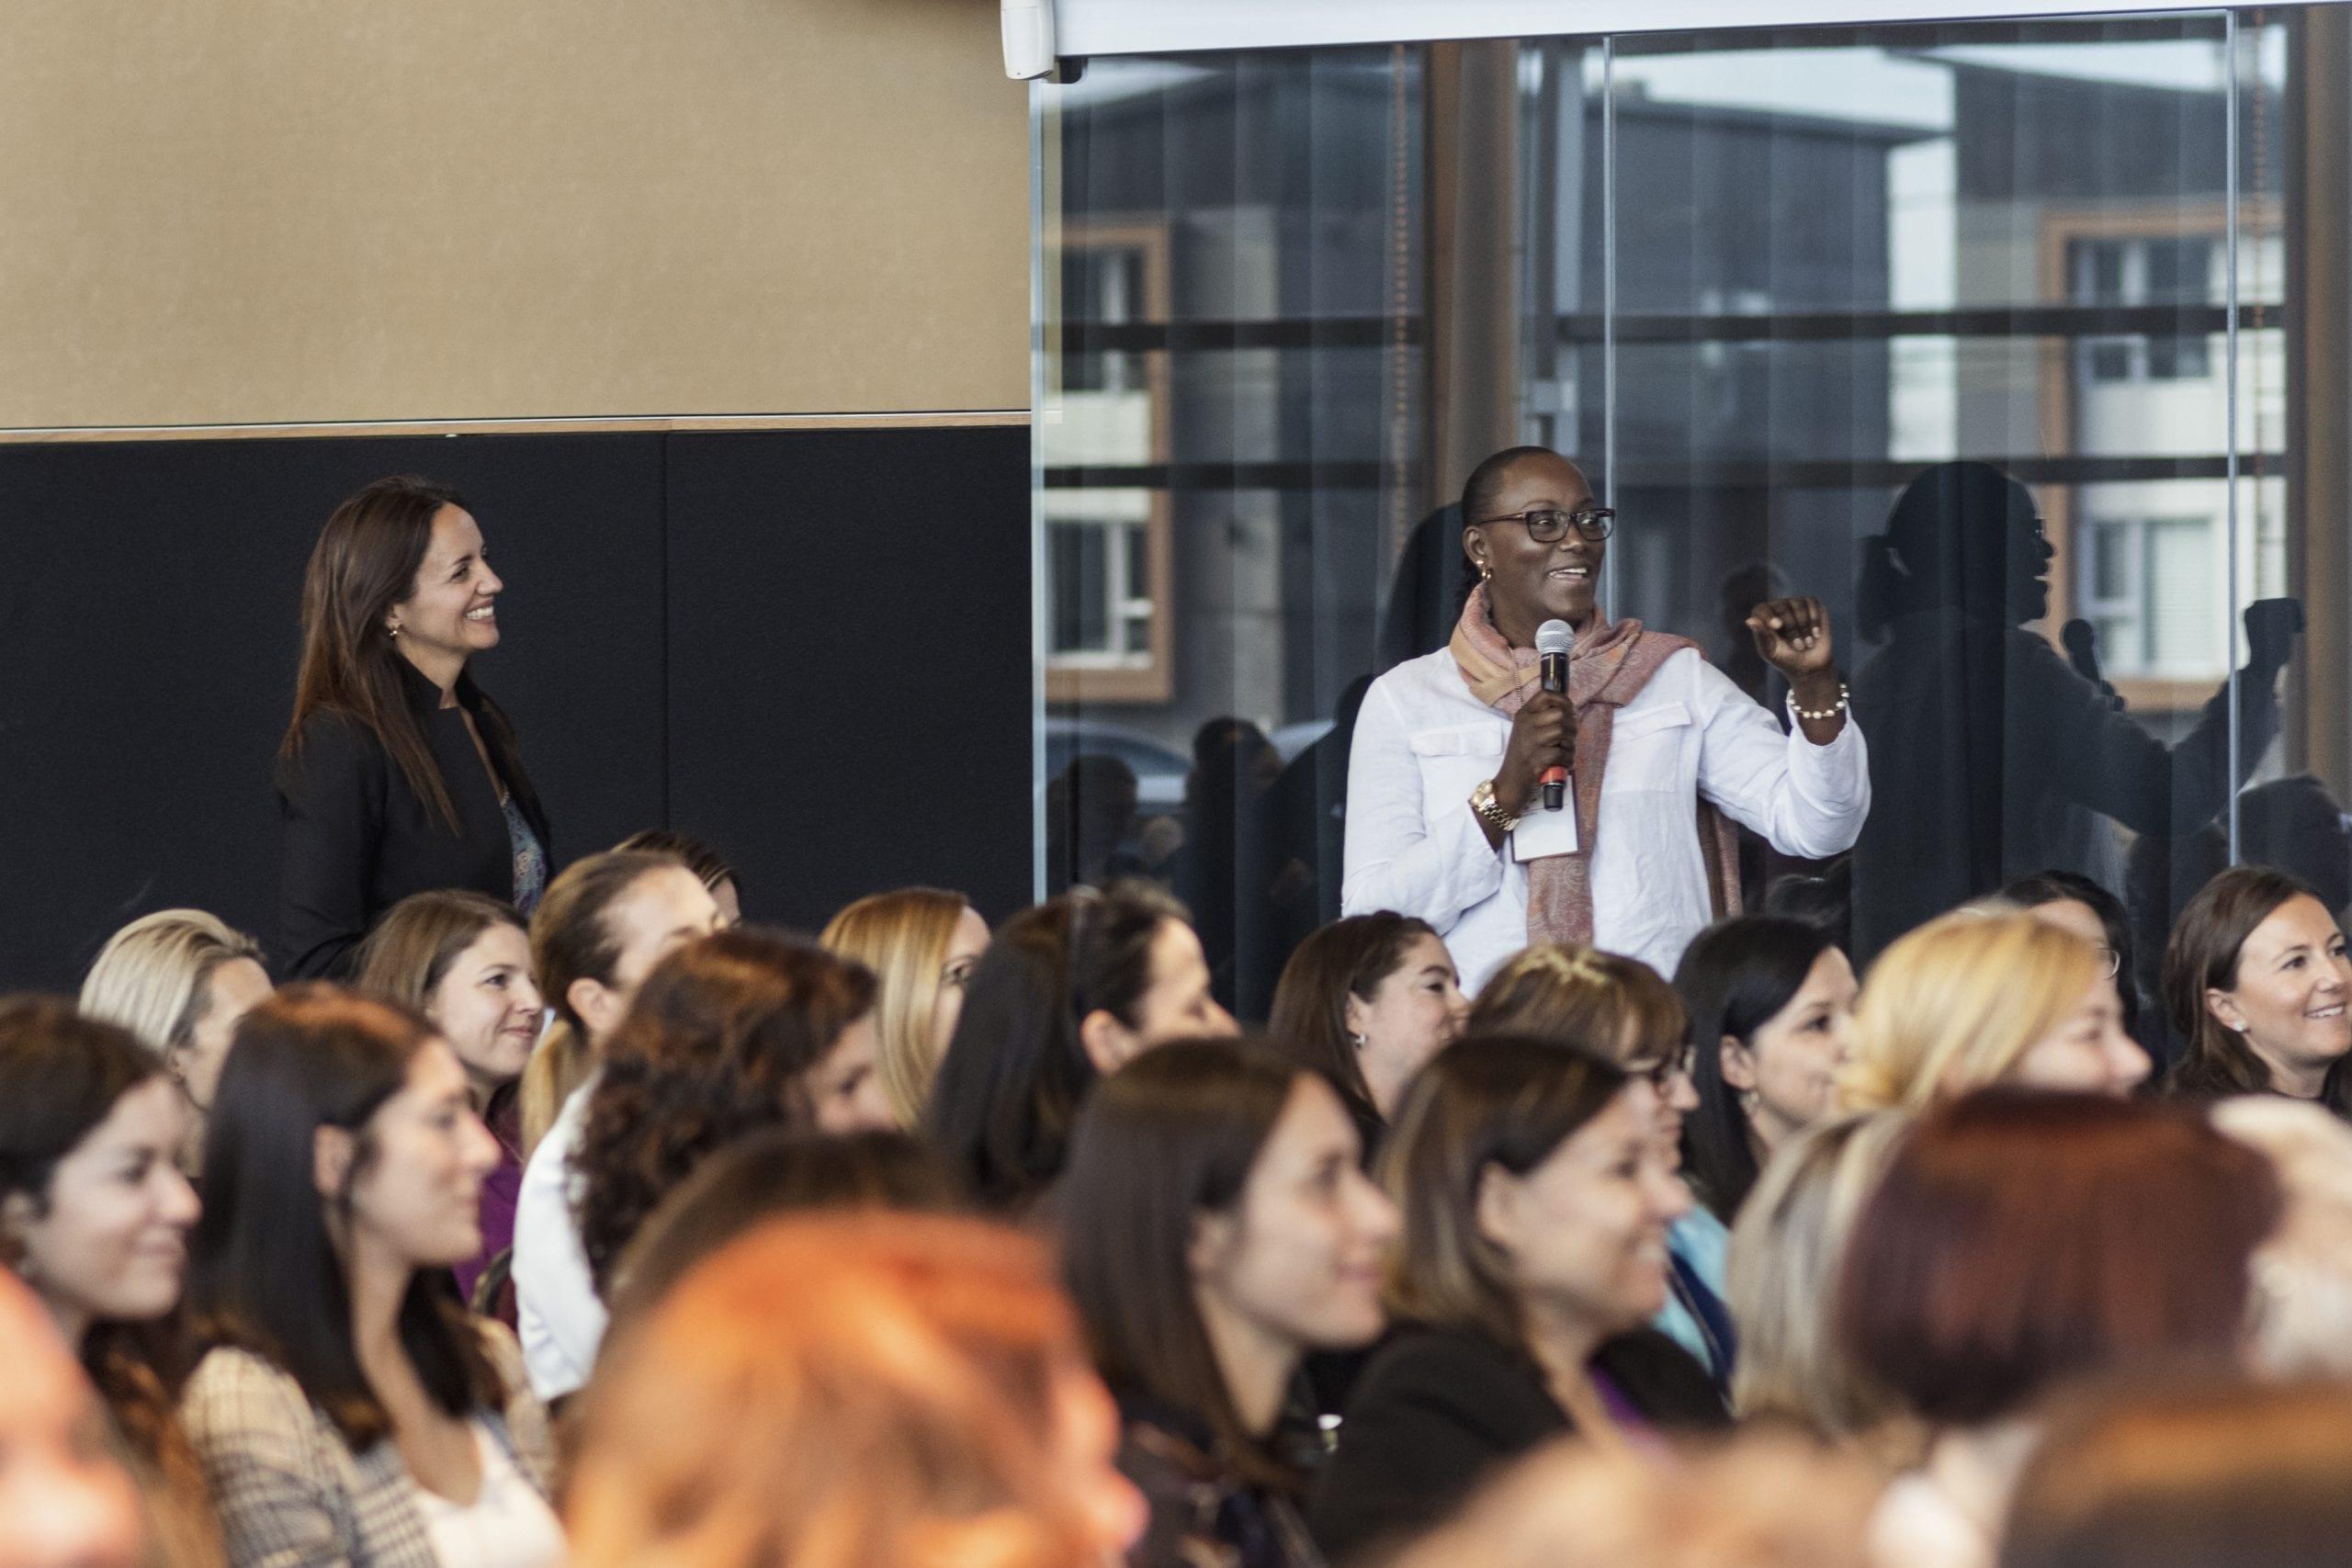 Femme noire qui parle devant public